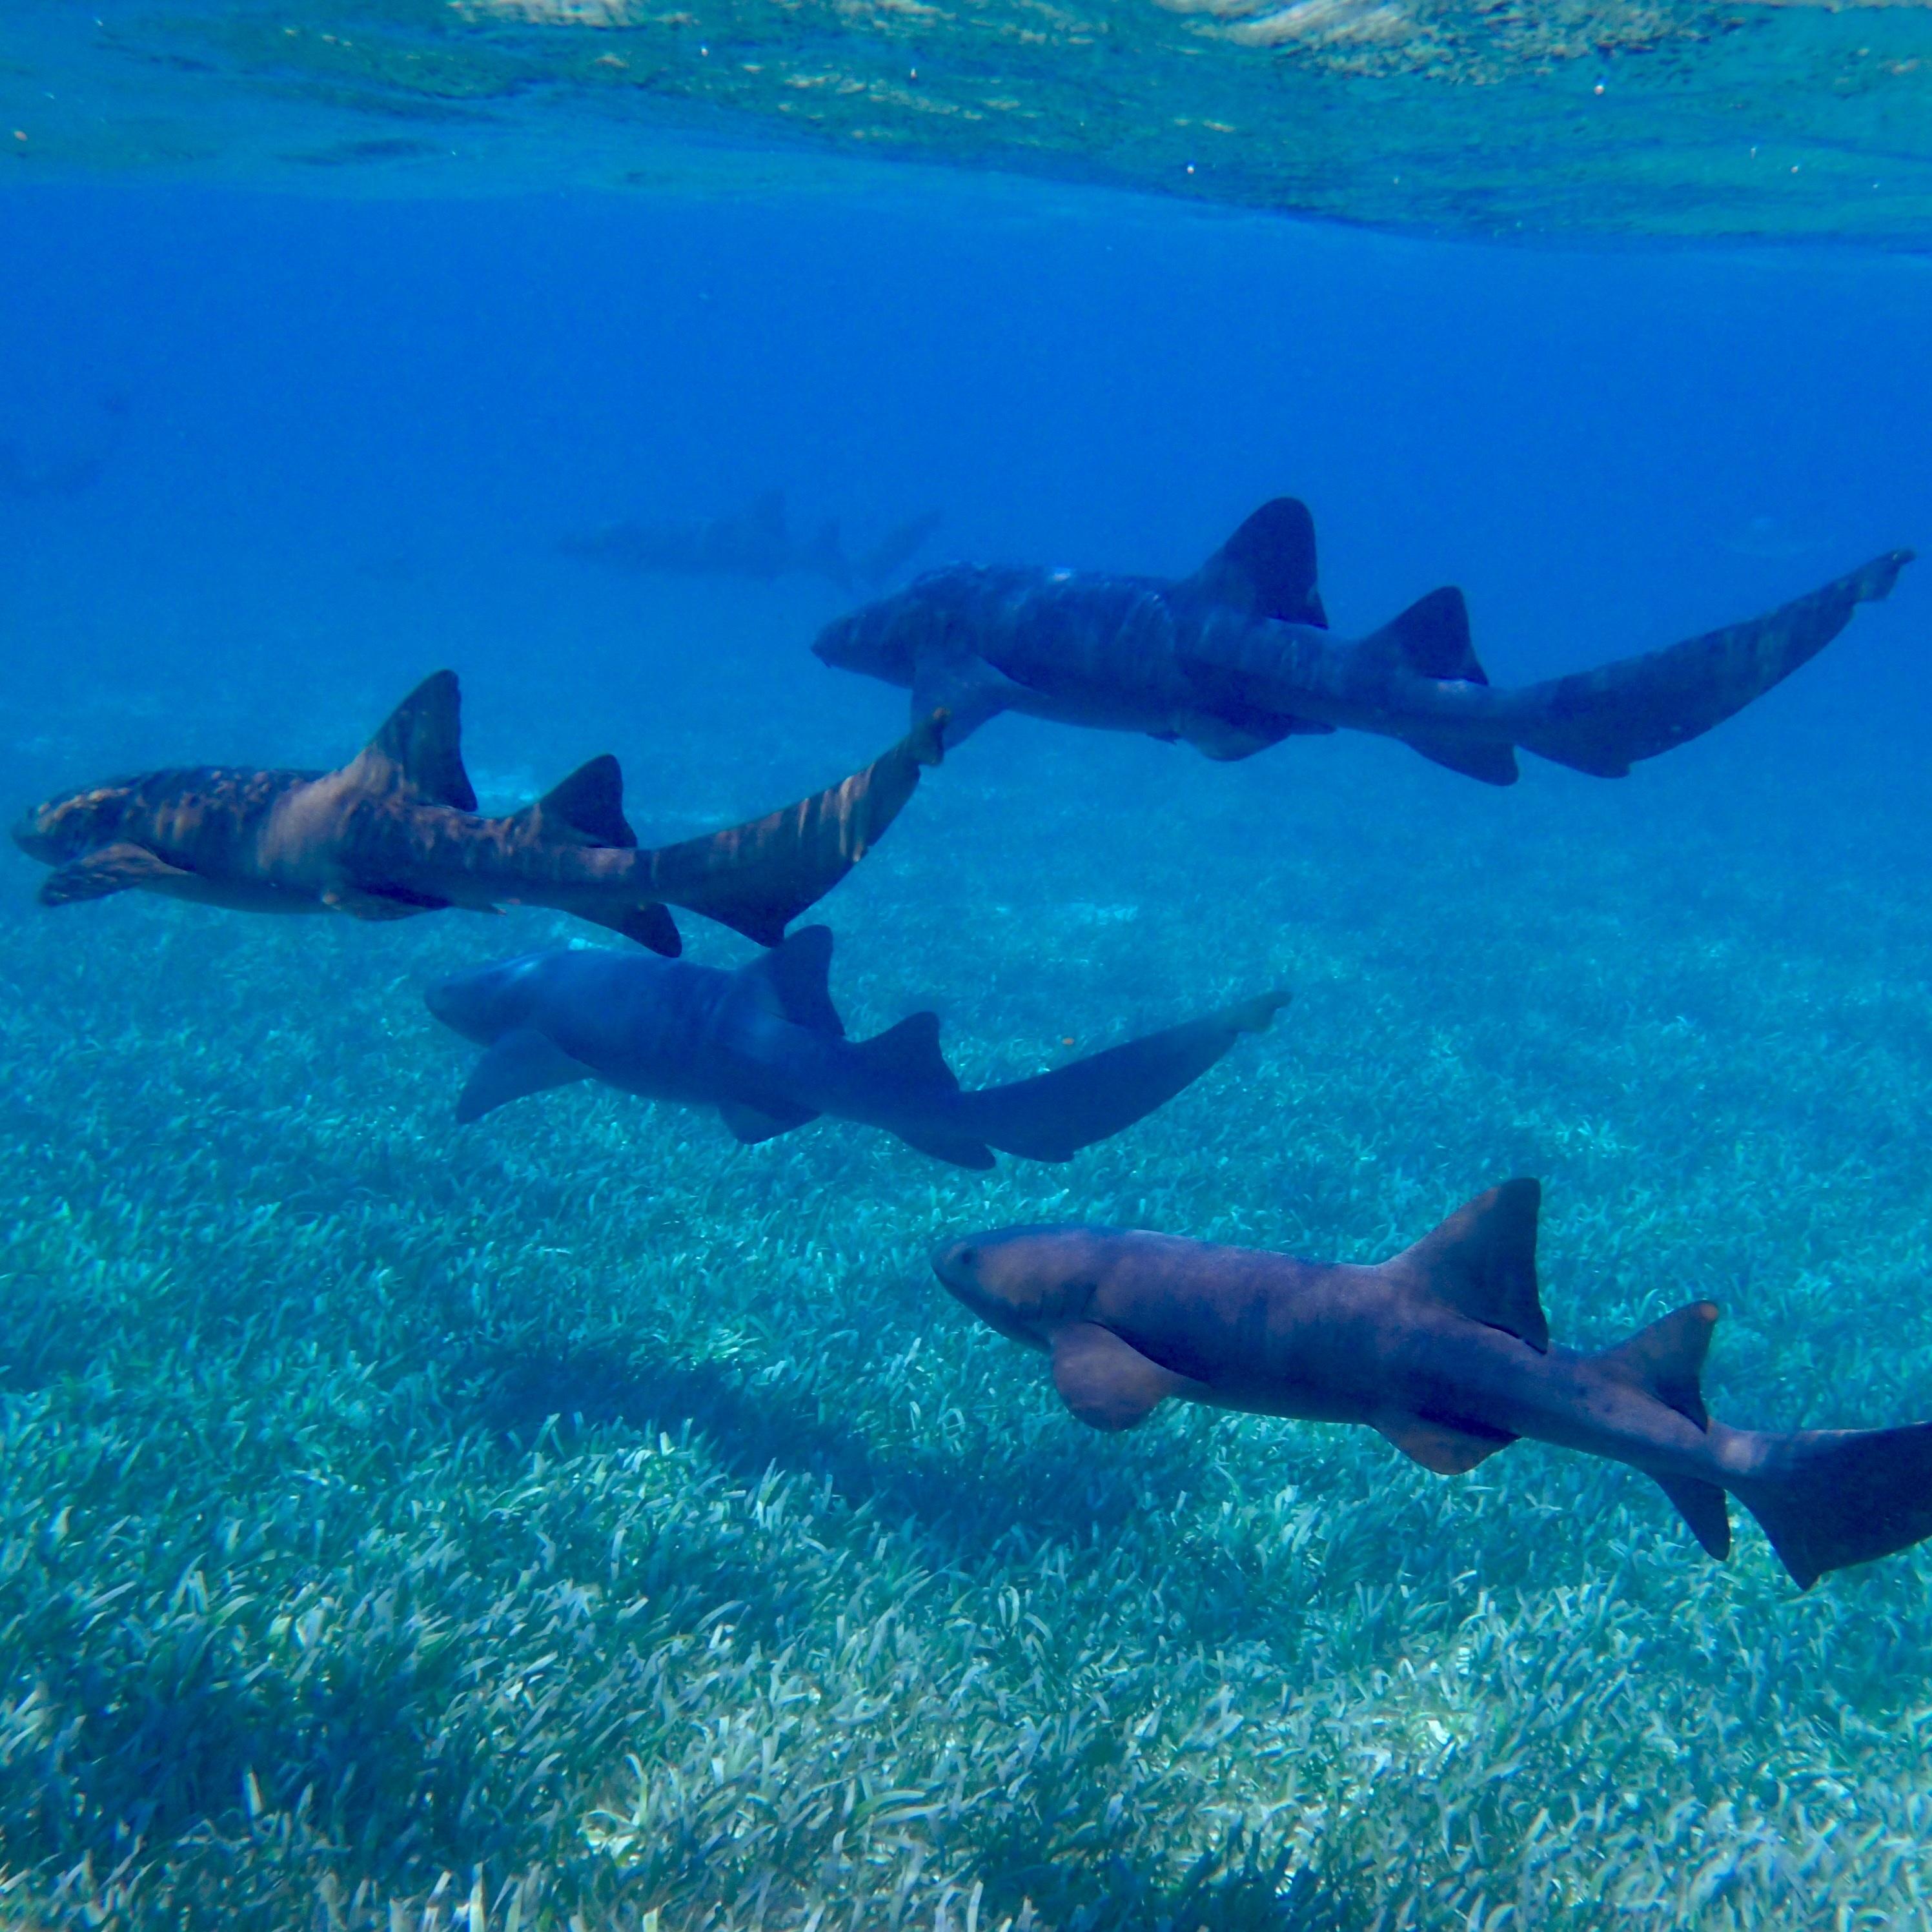 Free Images : sea, water, ocean, animal, diving, wildlife